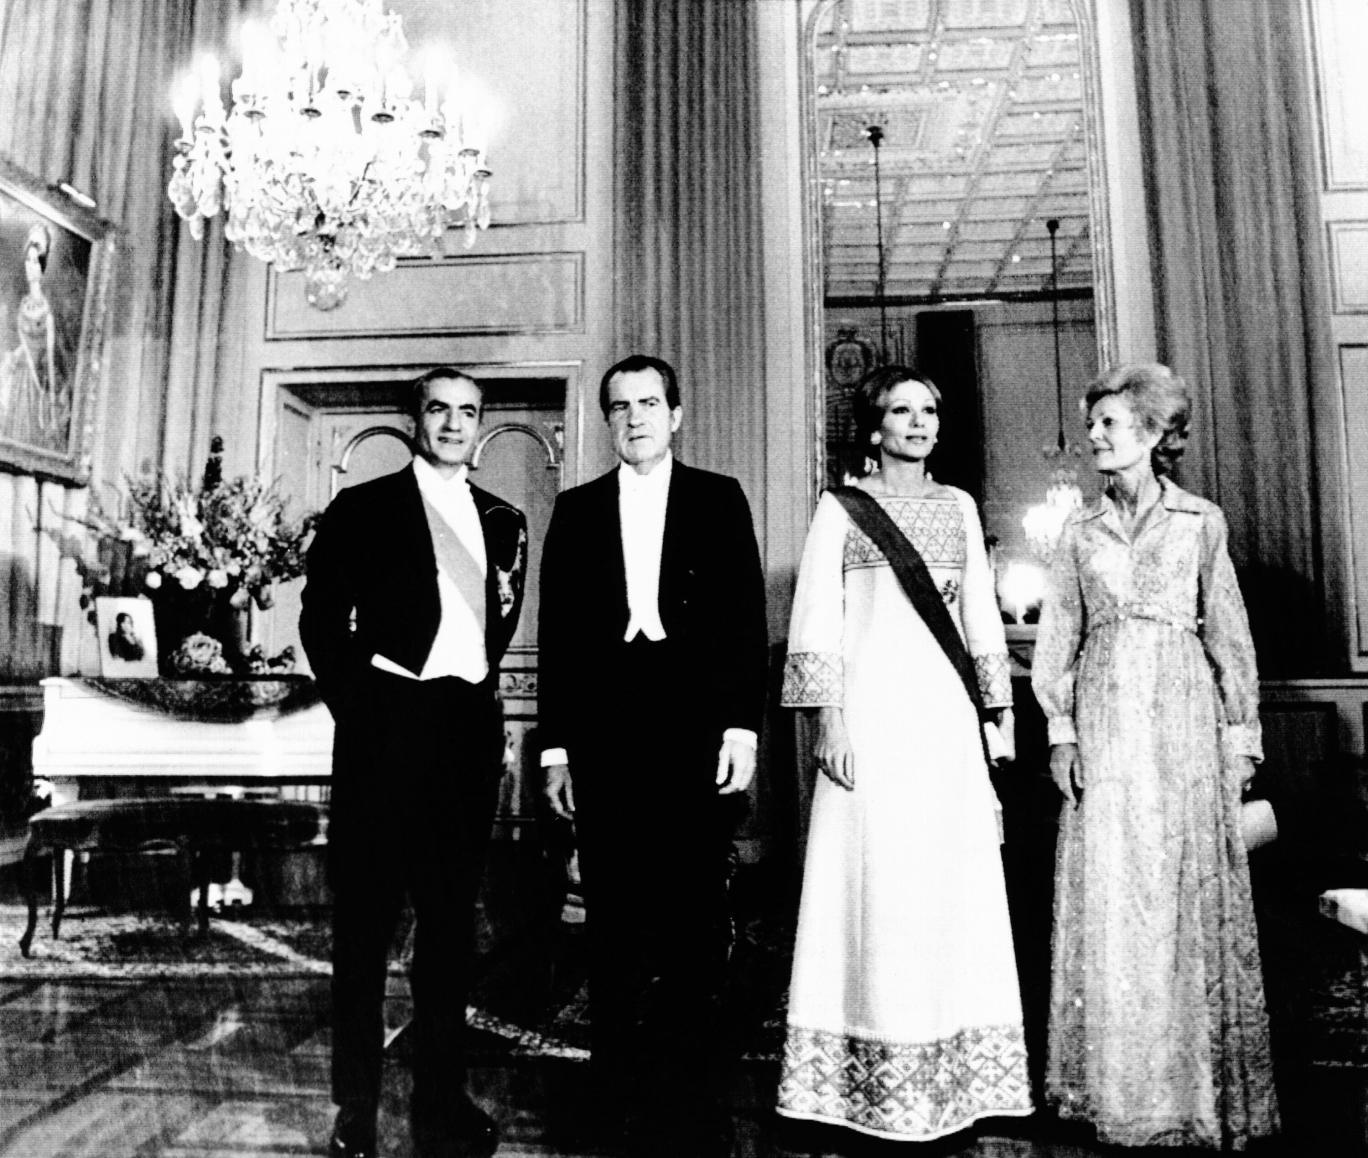 ریچارد نیکسون رییس جمهور آمریکا و همسرش در ضیافتی در کاخ نیاوران به همراه شاه و ملکه ایران، ۳۰ می ۱۹۷۲- FotoStock